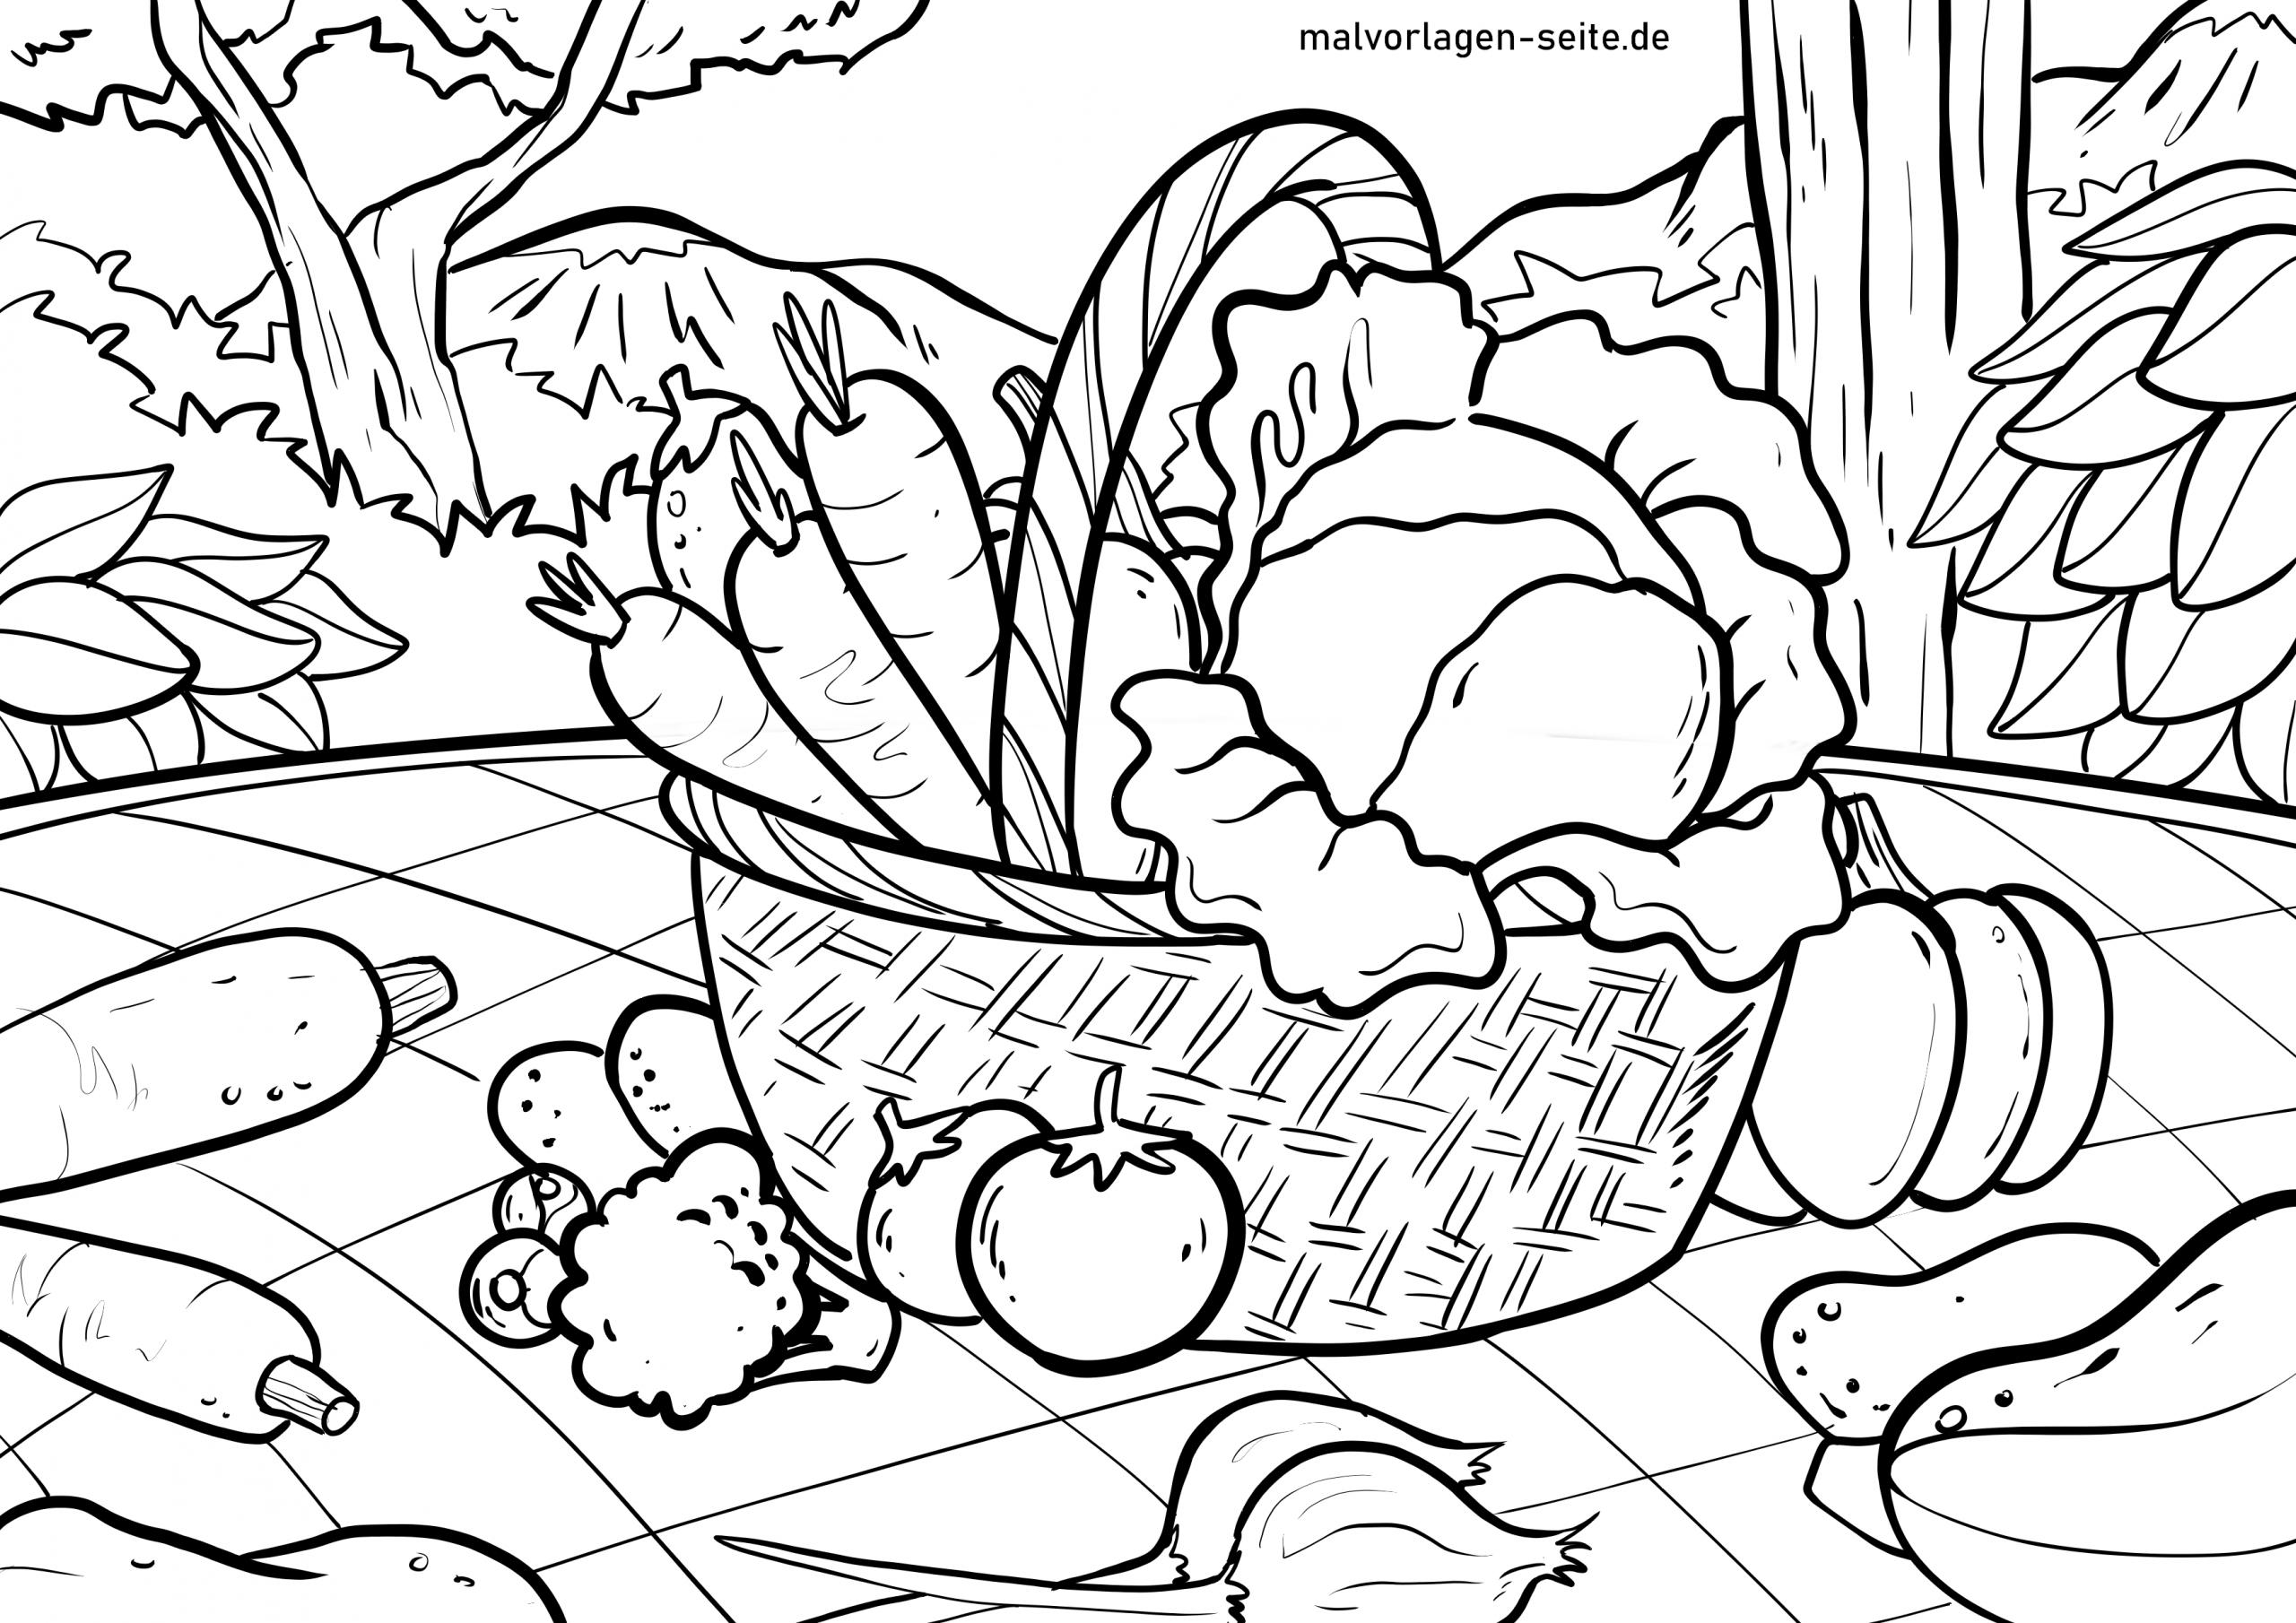 Malvorlage Gemüse | Essen - Ausmalbilder Kostenlos Herunterladen bei Ausmalbilder Gemüse